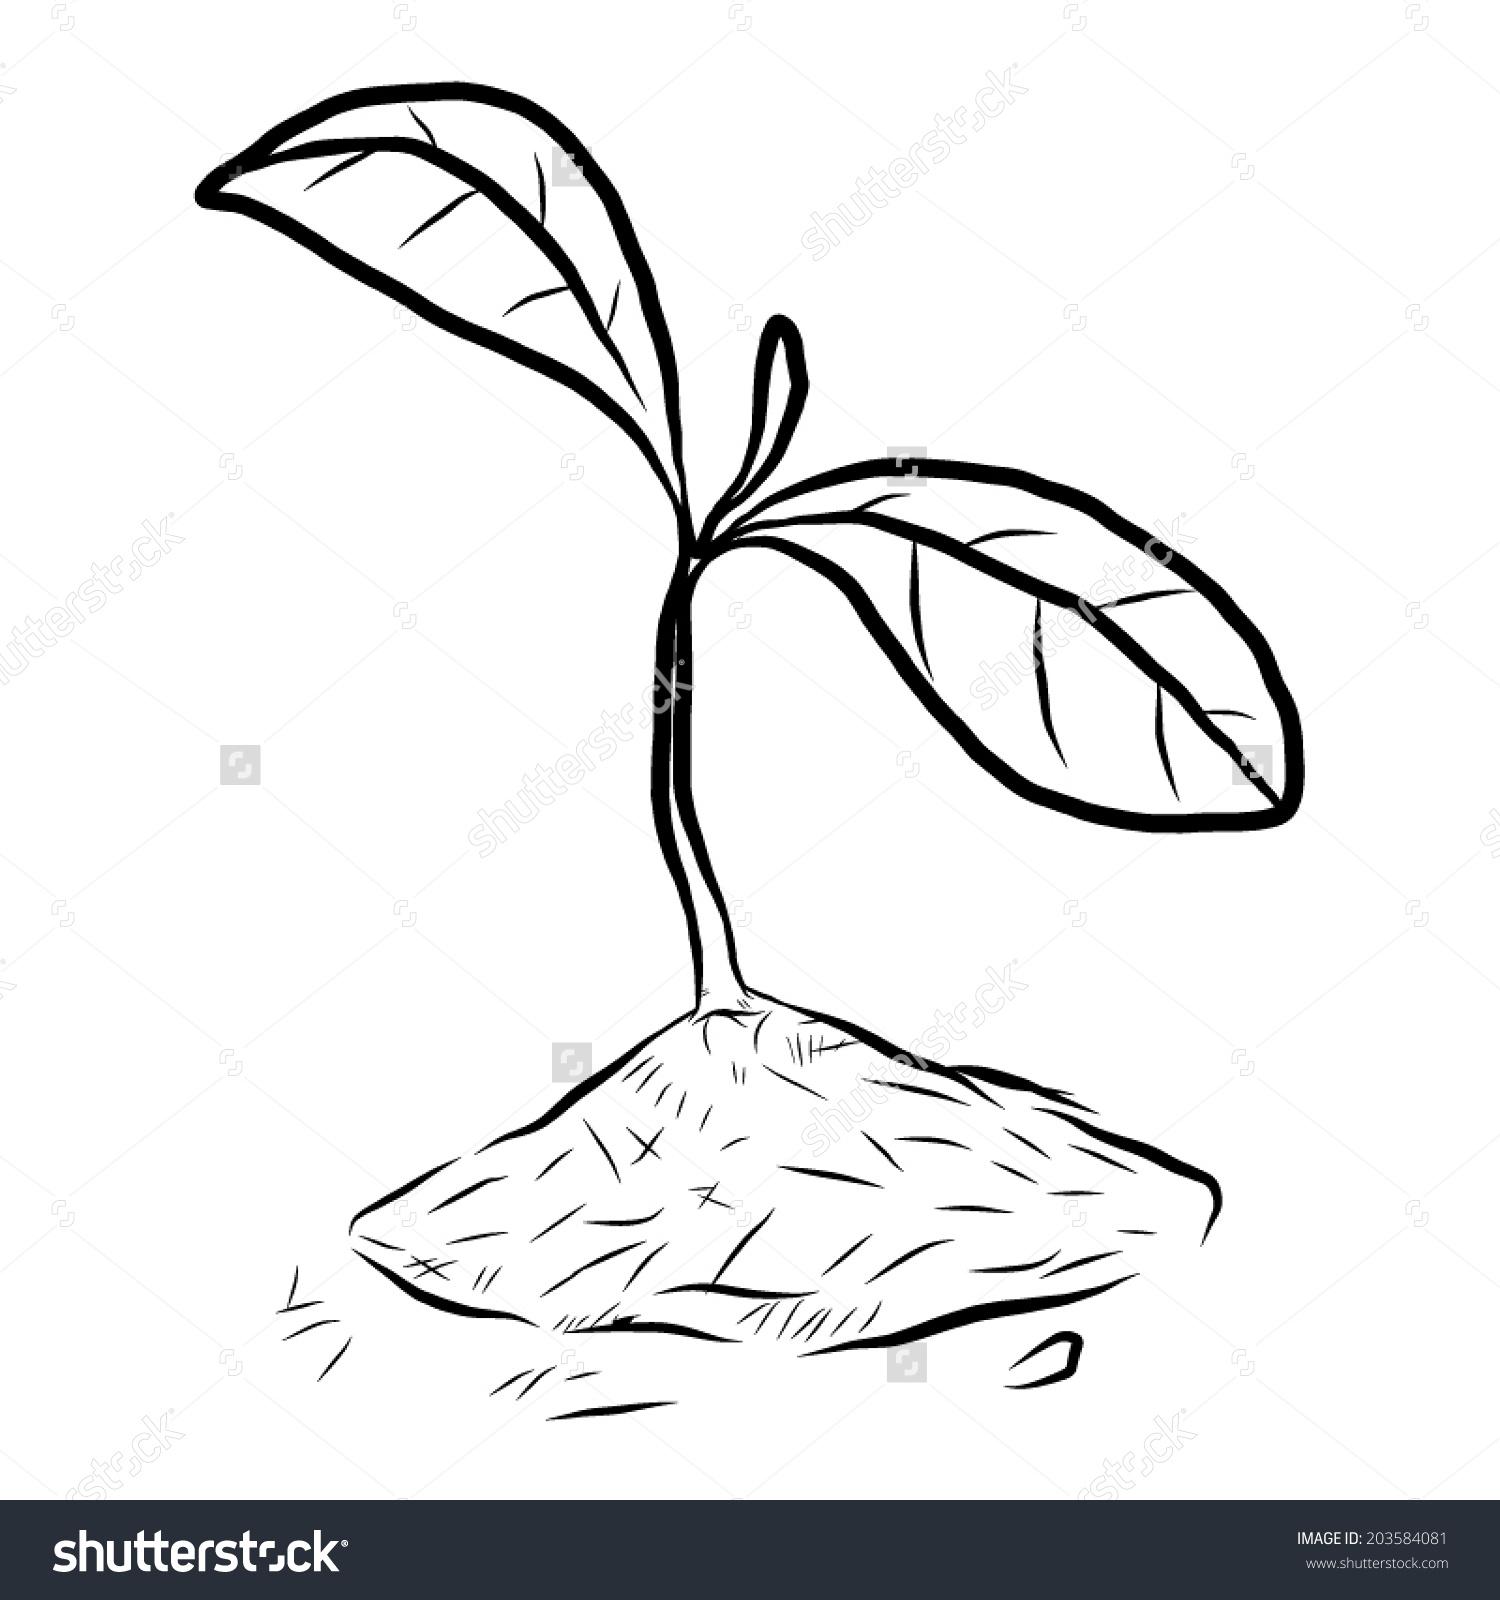 Cute zilla plant clipart black and white.